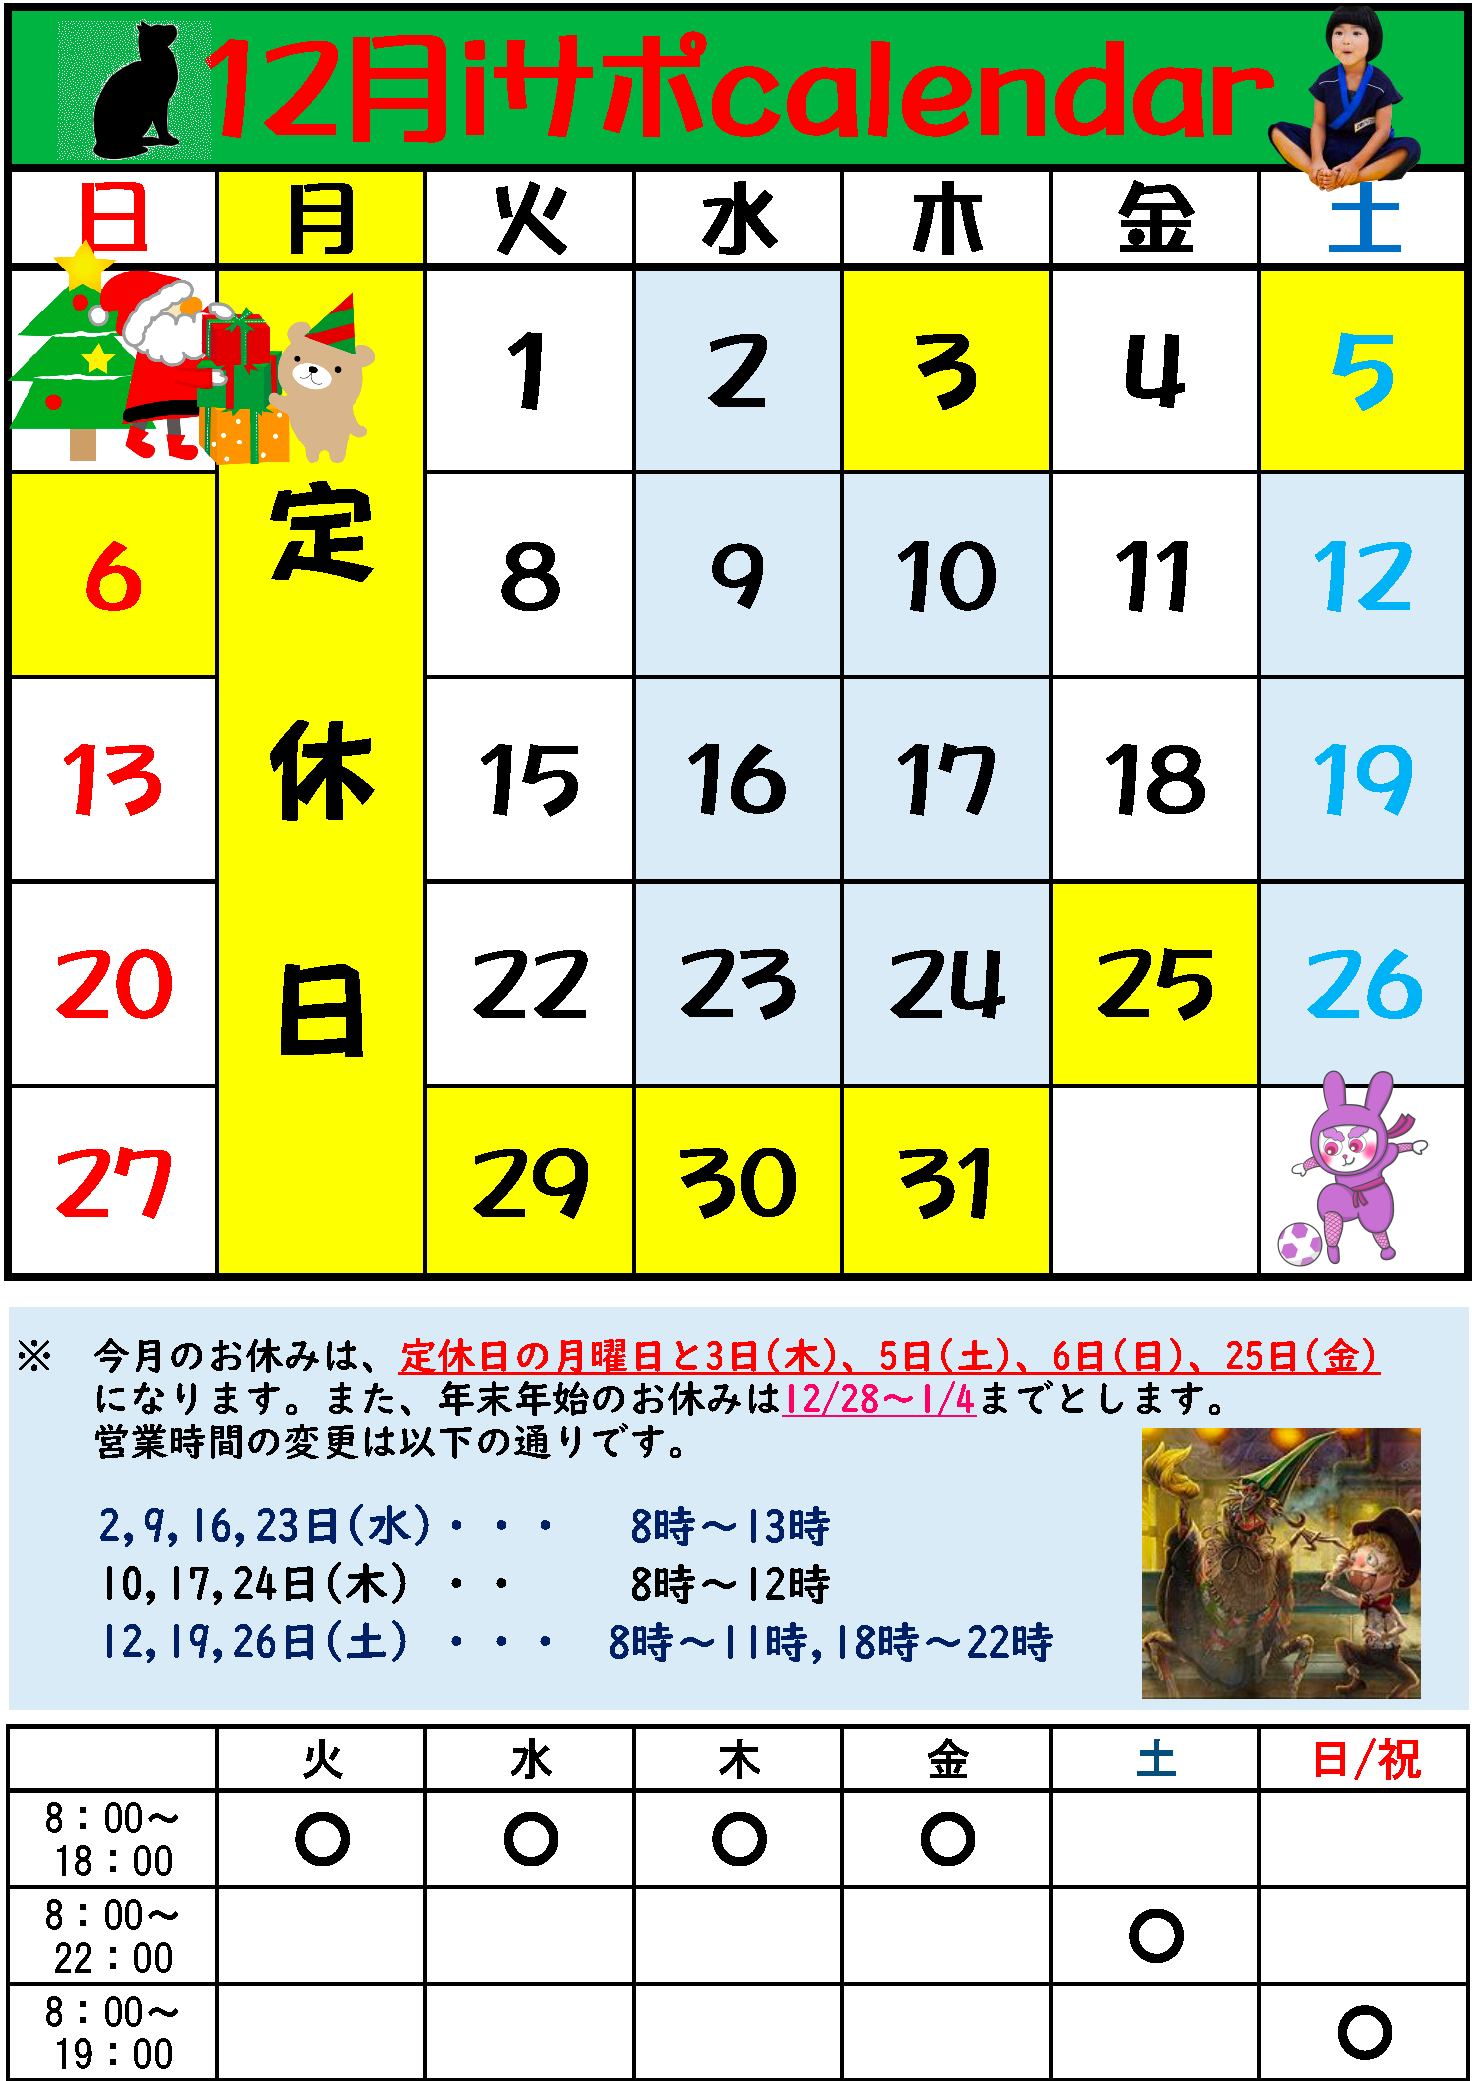 【カレンダー12月】毎週月曜日と3日、6日、25日がお休み。年末年始は28日から4日までがお休み。